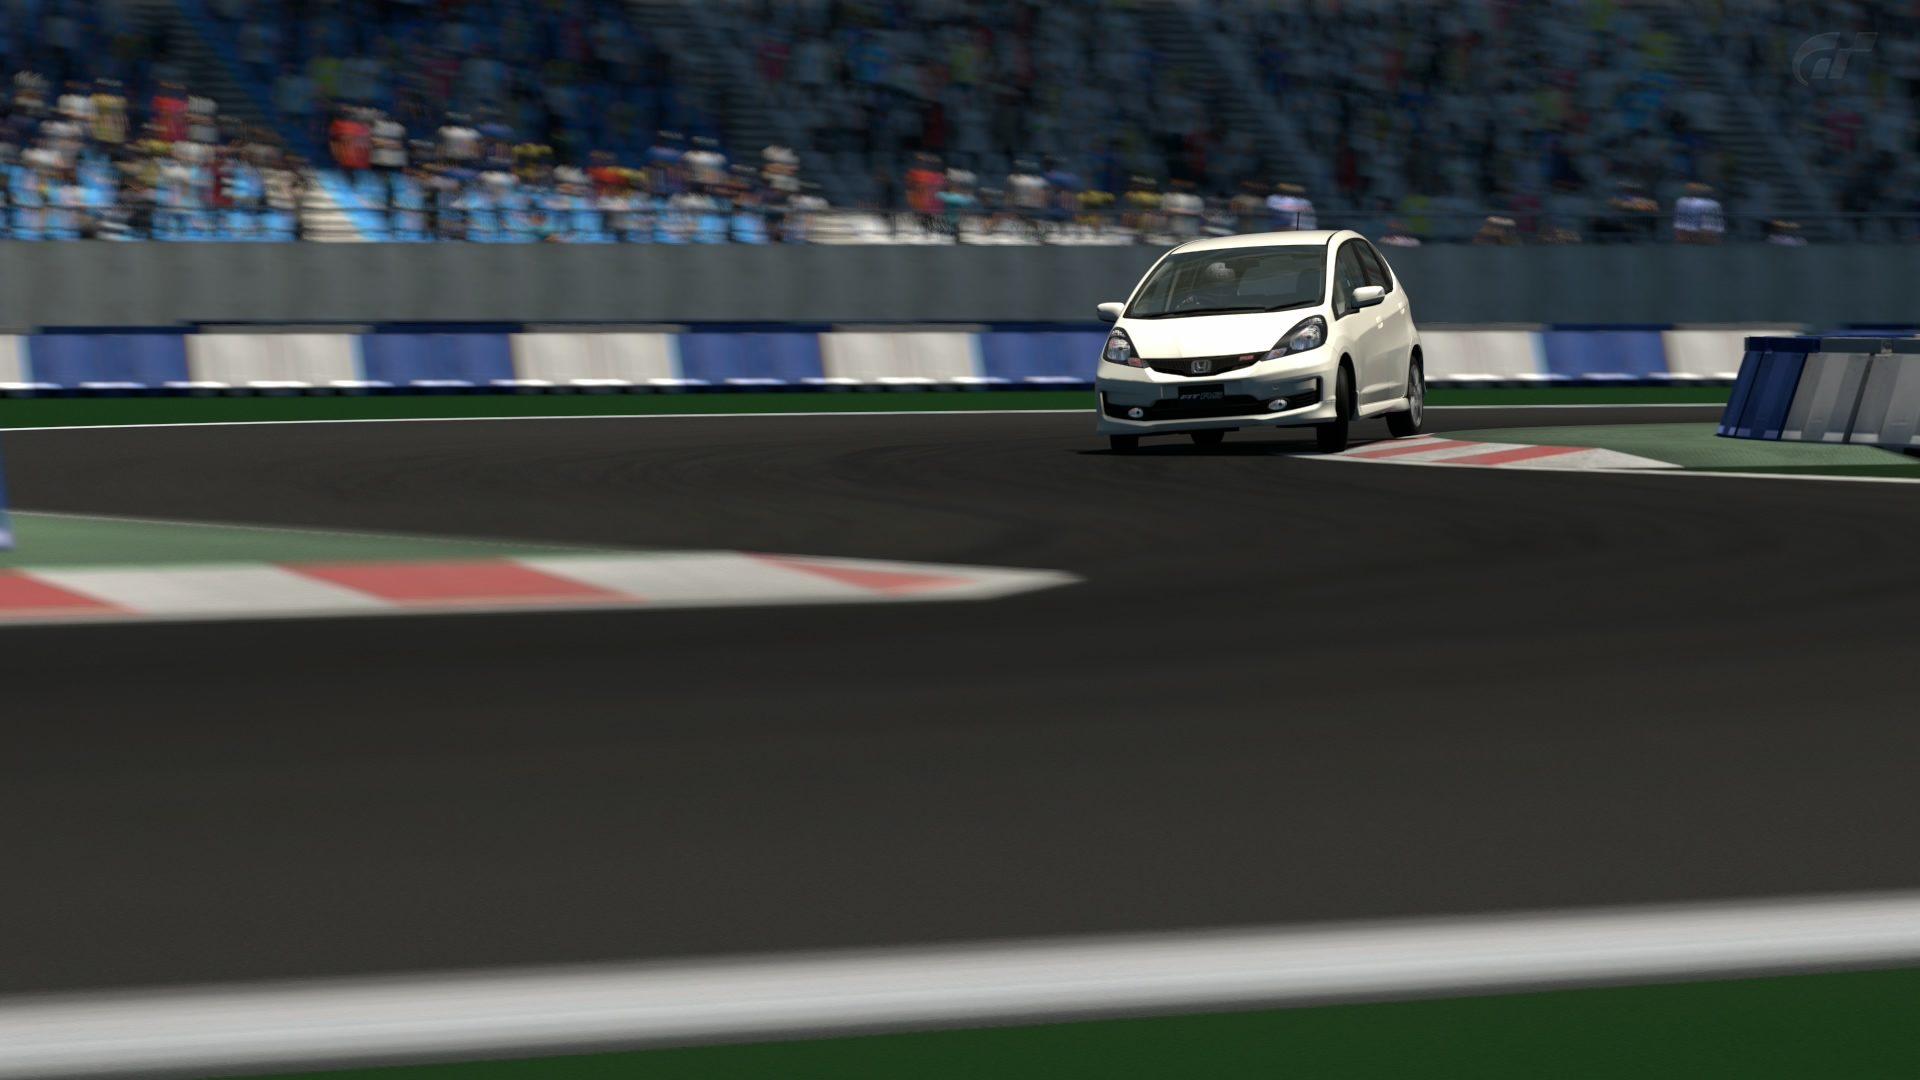 _Gran Turismo_-Arena (Strecke A).jpg